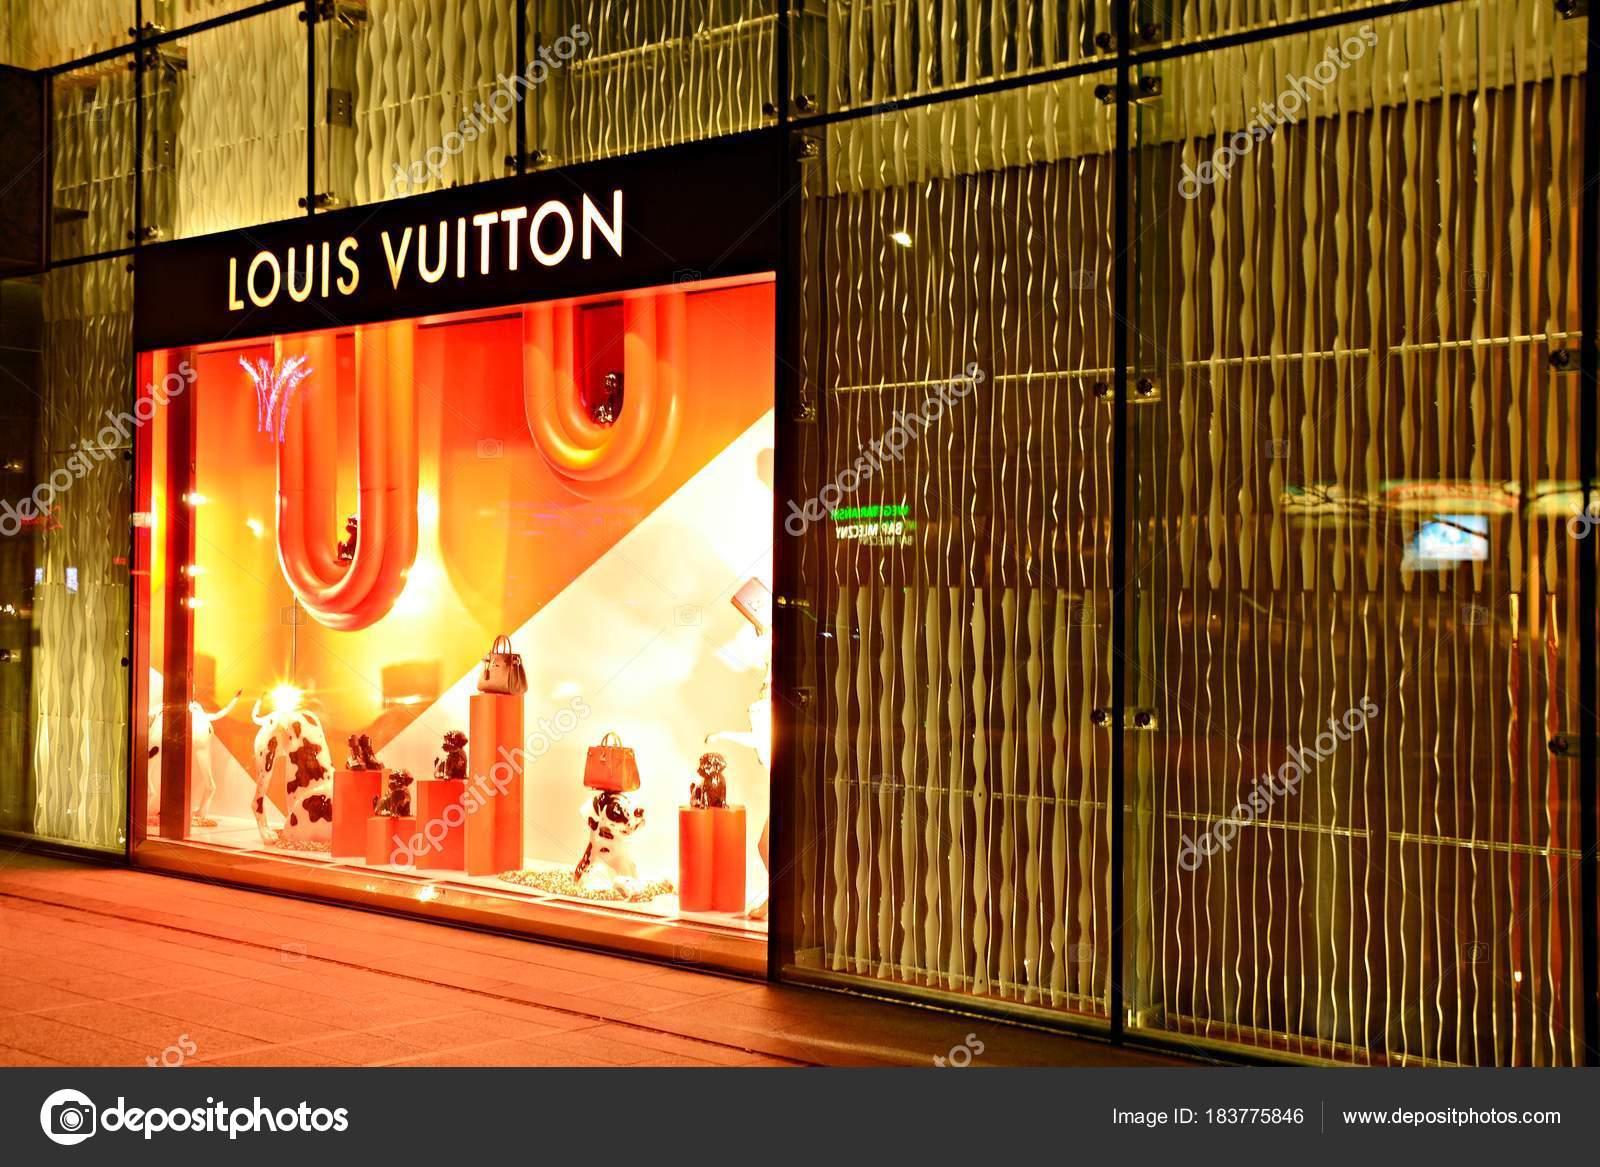 1ed3e7fa6e6f Варшава Польша Февраля 2018 Года Магазин Louis Vuitton Сумки Женщин–  Стоковая редакционная фотография